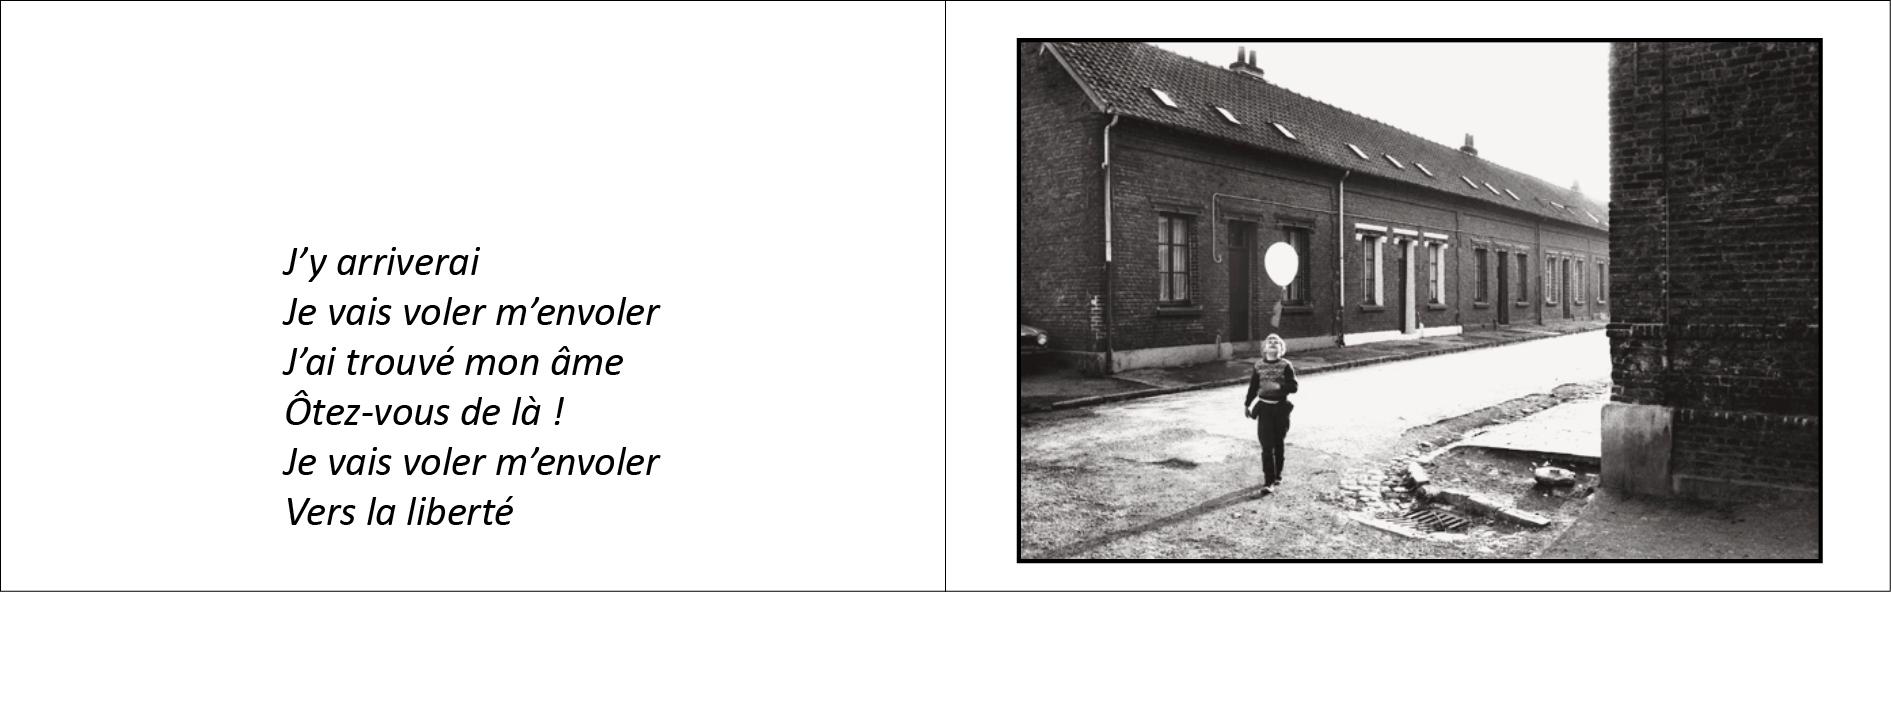 ballon © Carl Uytterhaegen